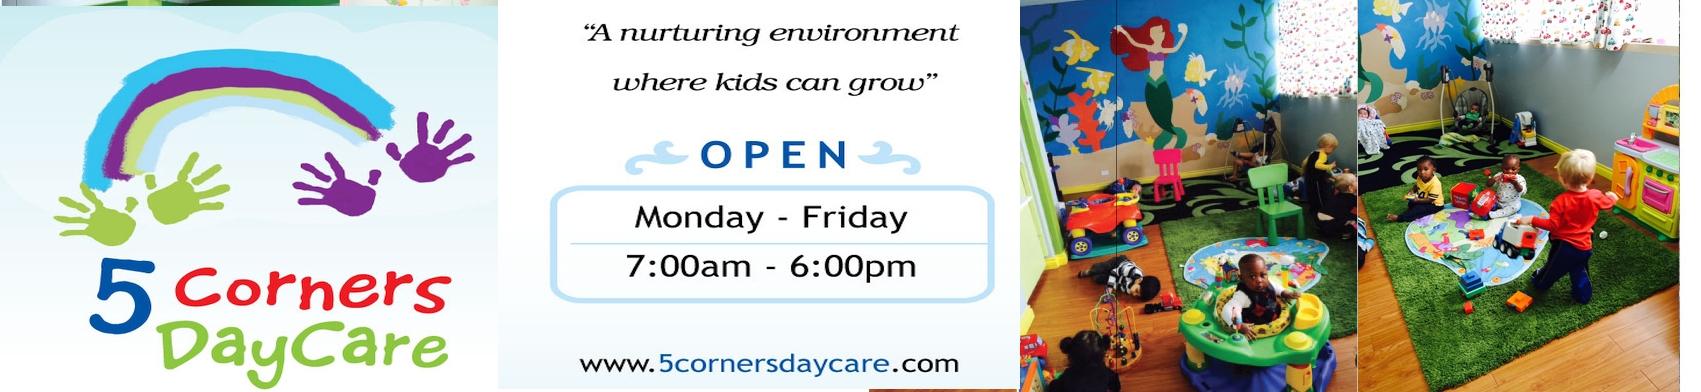 5CornersDaycare.com